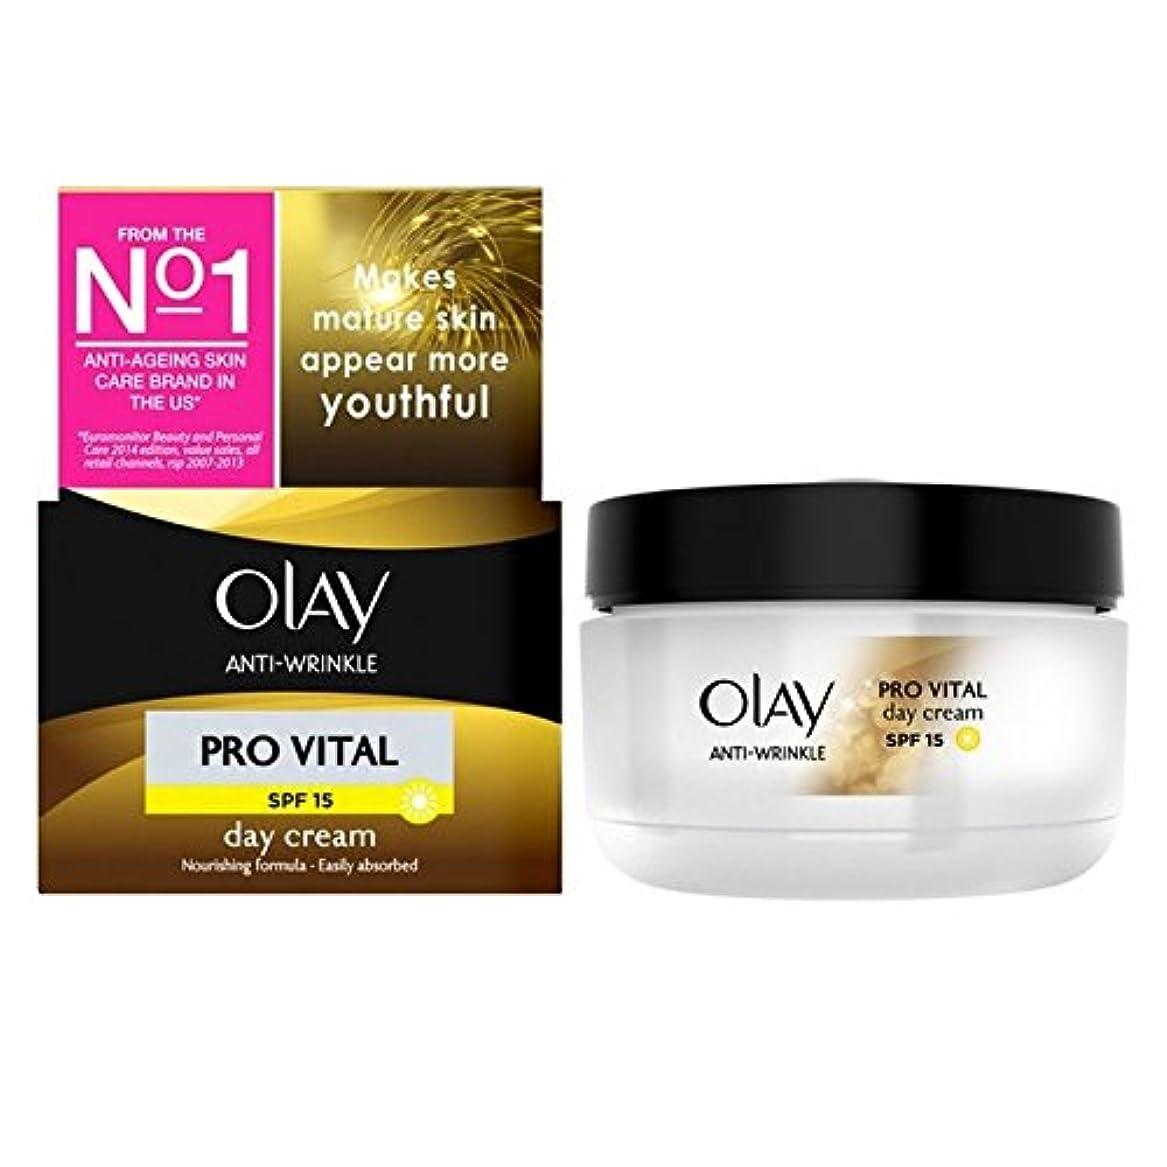 実り多いセンチメートル望ましいOlay Anti-Wrinkle Pro Vital Moisturiser Day Cream Mature Skin 50ml - オーレイ抗しわプロ重要な保湿デイクリーム成熟した肌50ミリリットル [並行輸入品]